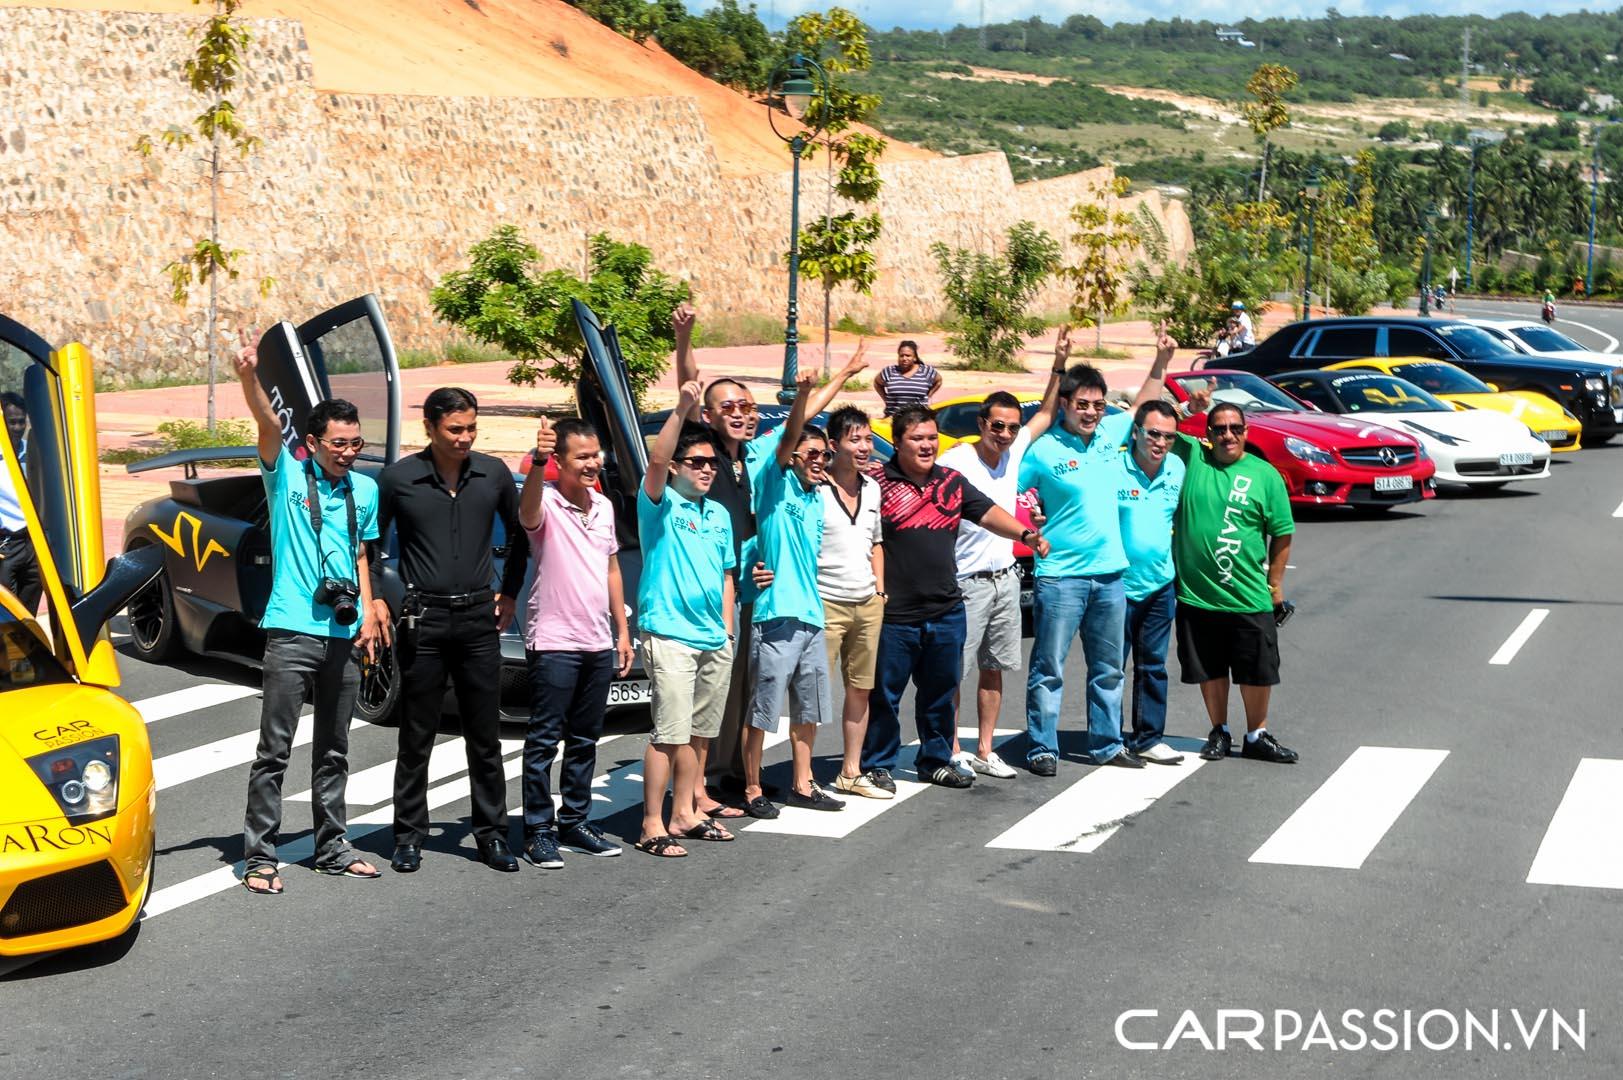 CP-Hành trình siêu xe CarPassion 2011 Day 2 (203).jpg